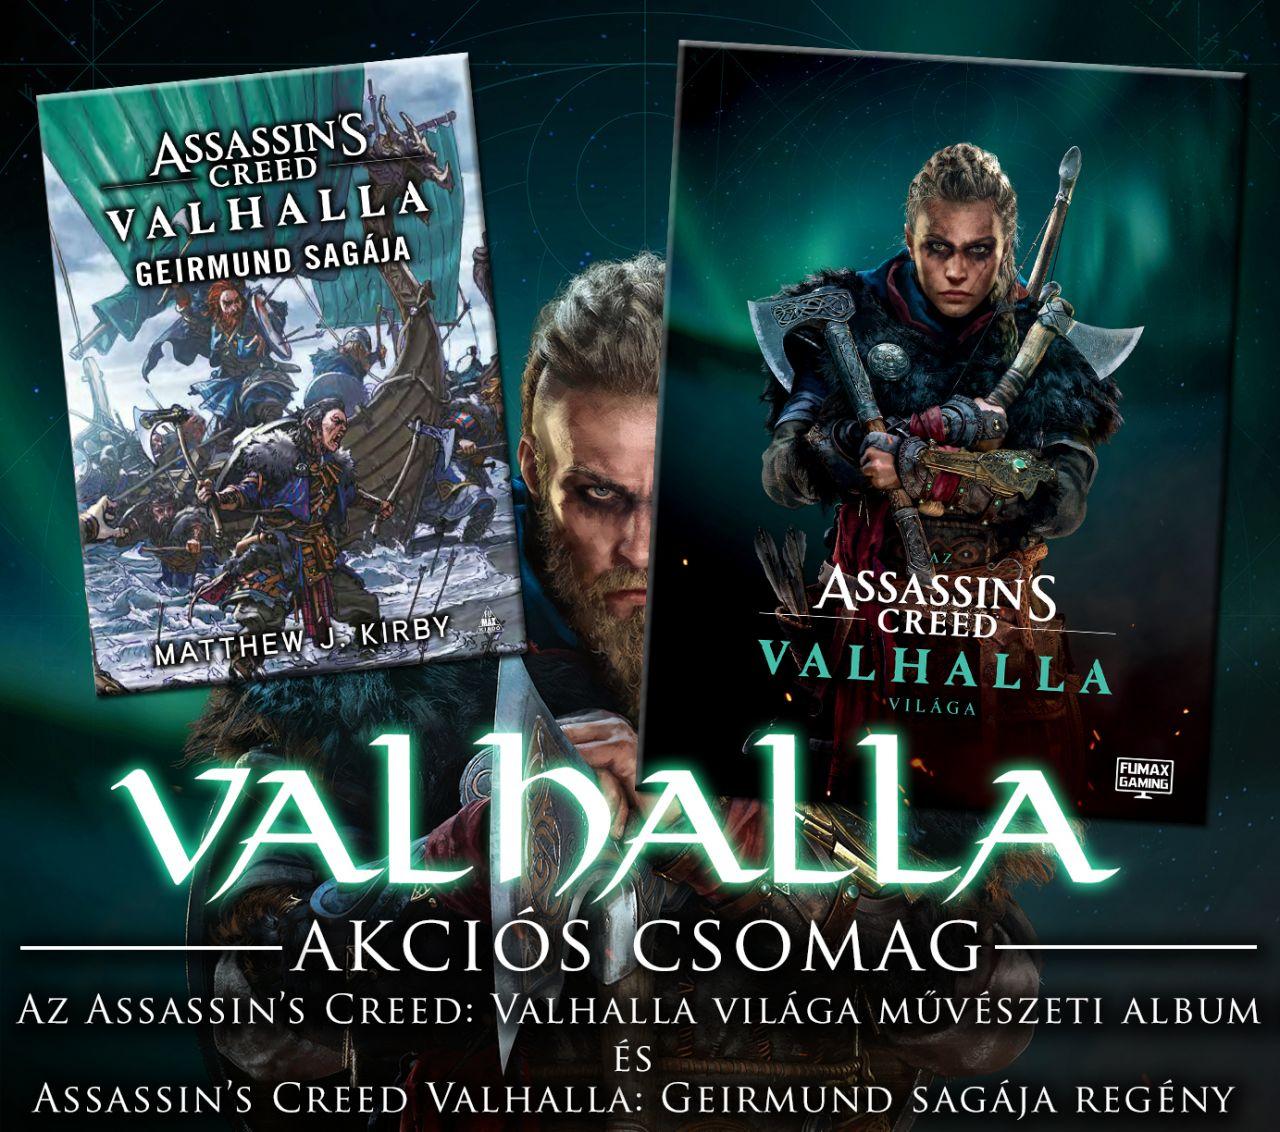 Assassin's Creed Valhalla akciós csomag (Geirmund sagája regény és Az Assassin's Creed Valhalla világa nagyalakú, keménytáblás album)